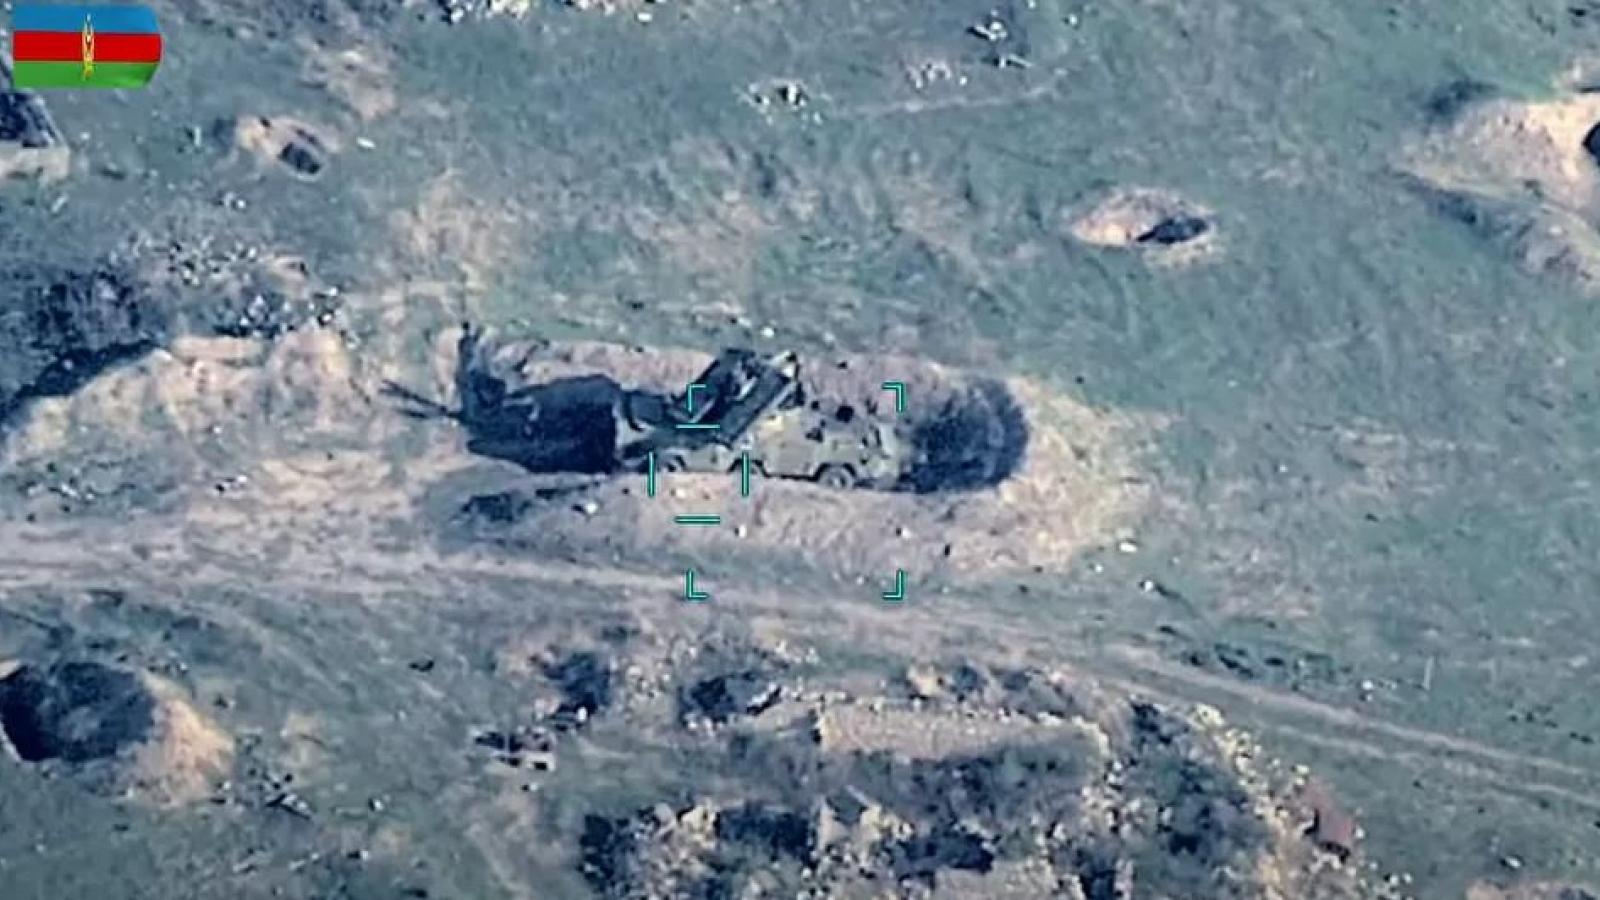 Azerbaijan công bố video phá hủy kho đạn dược và xe tăng của Armenia